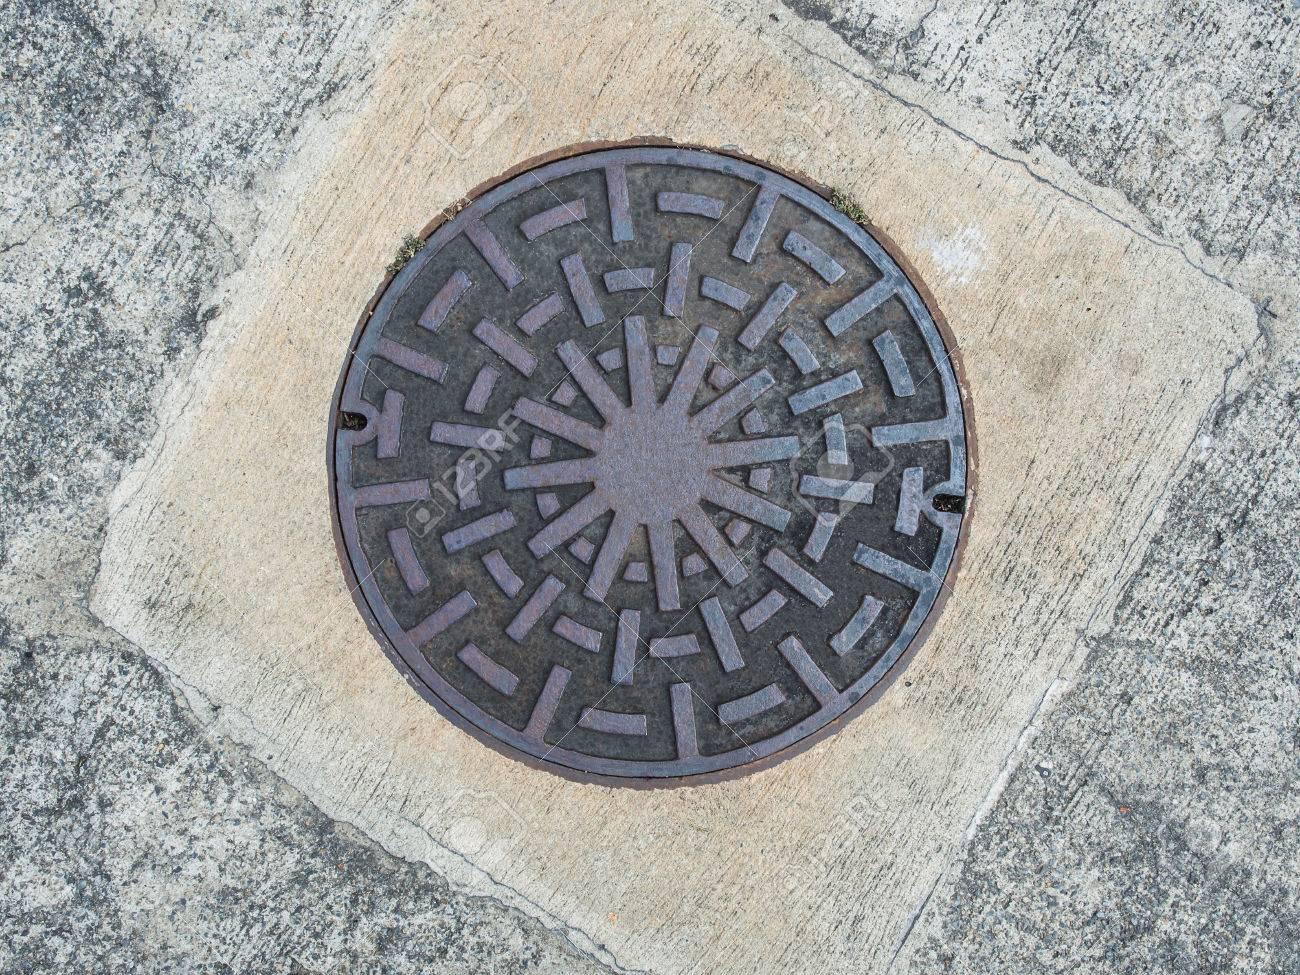 Cercle Couvercle De Trou D Homme De Fer Rouillé Sur Sol En Béton